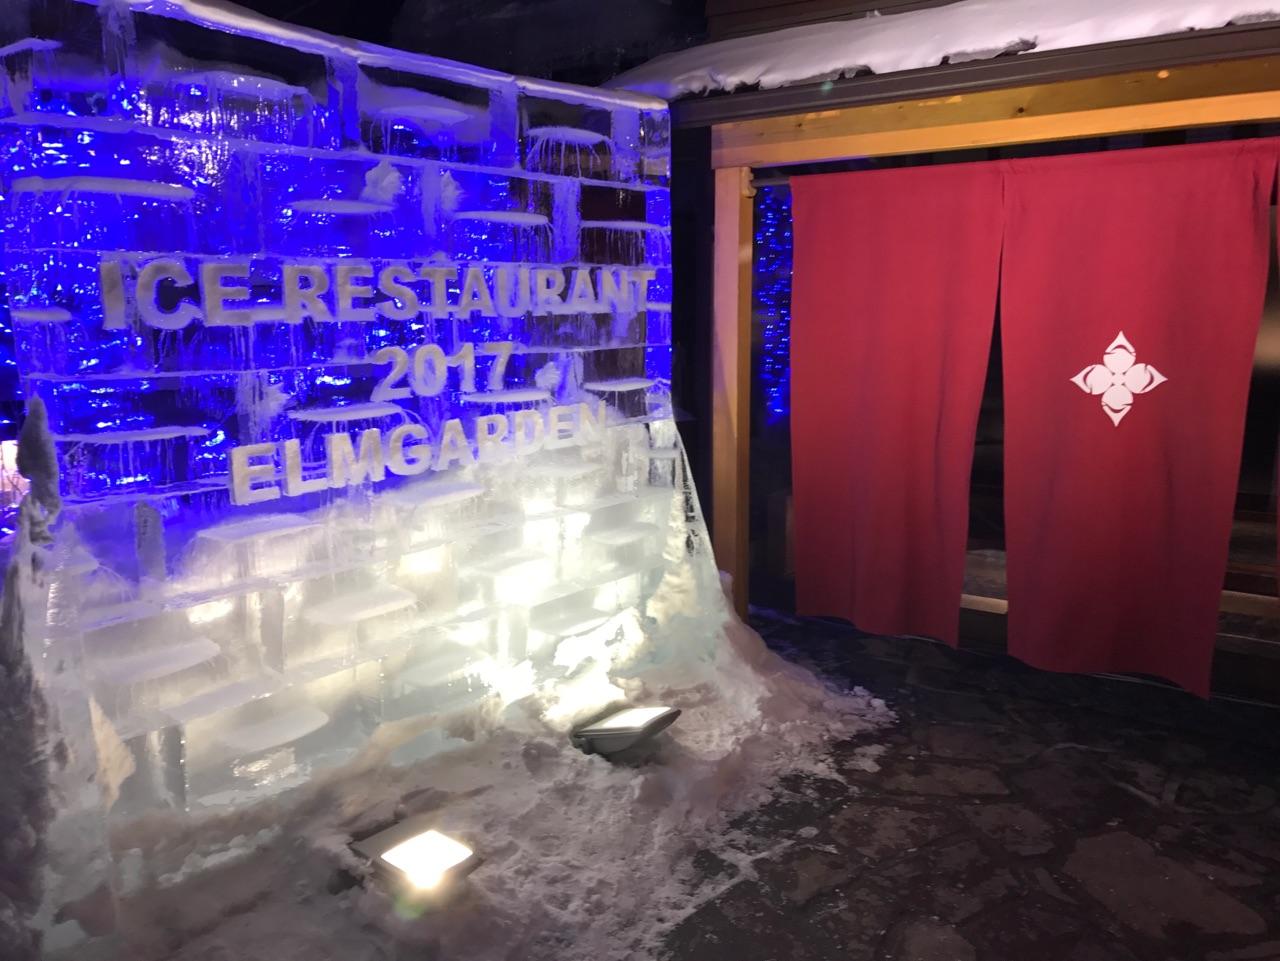 日本庭園に氷の茶室?!